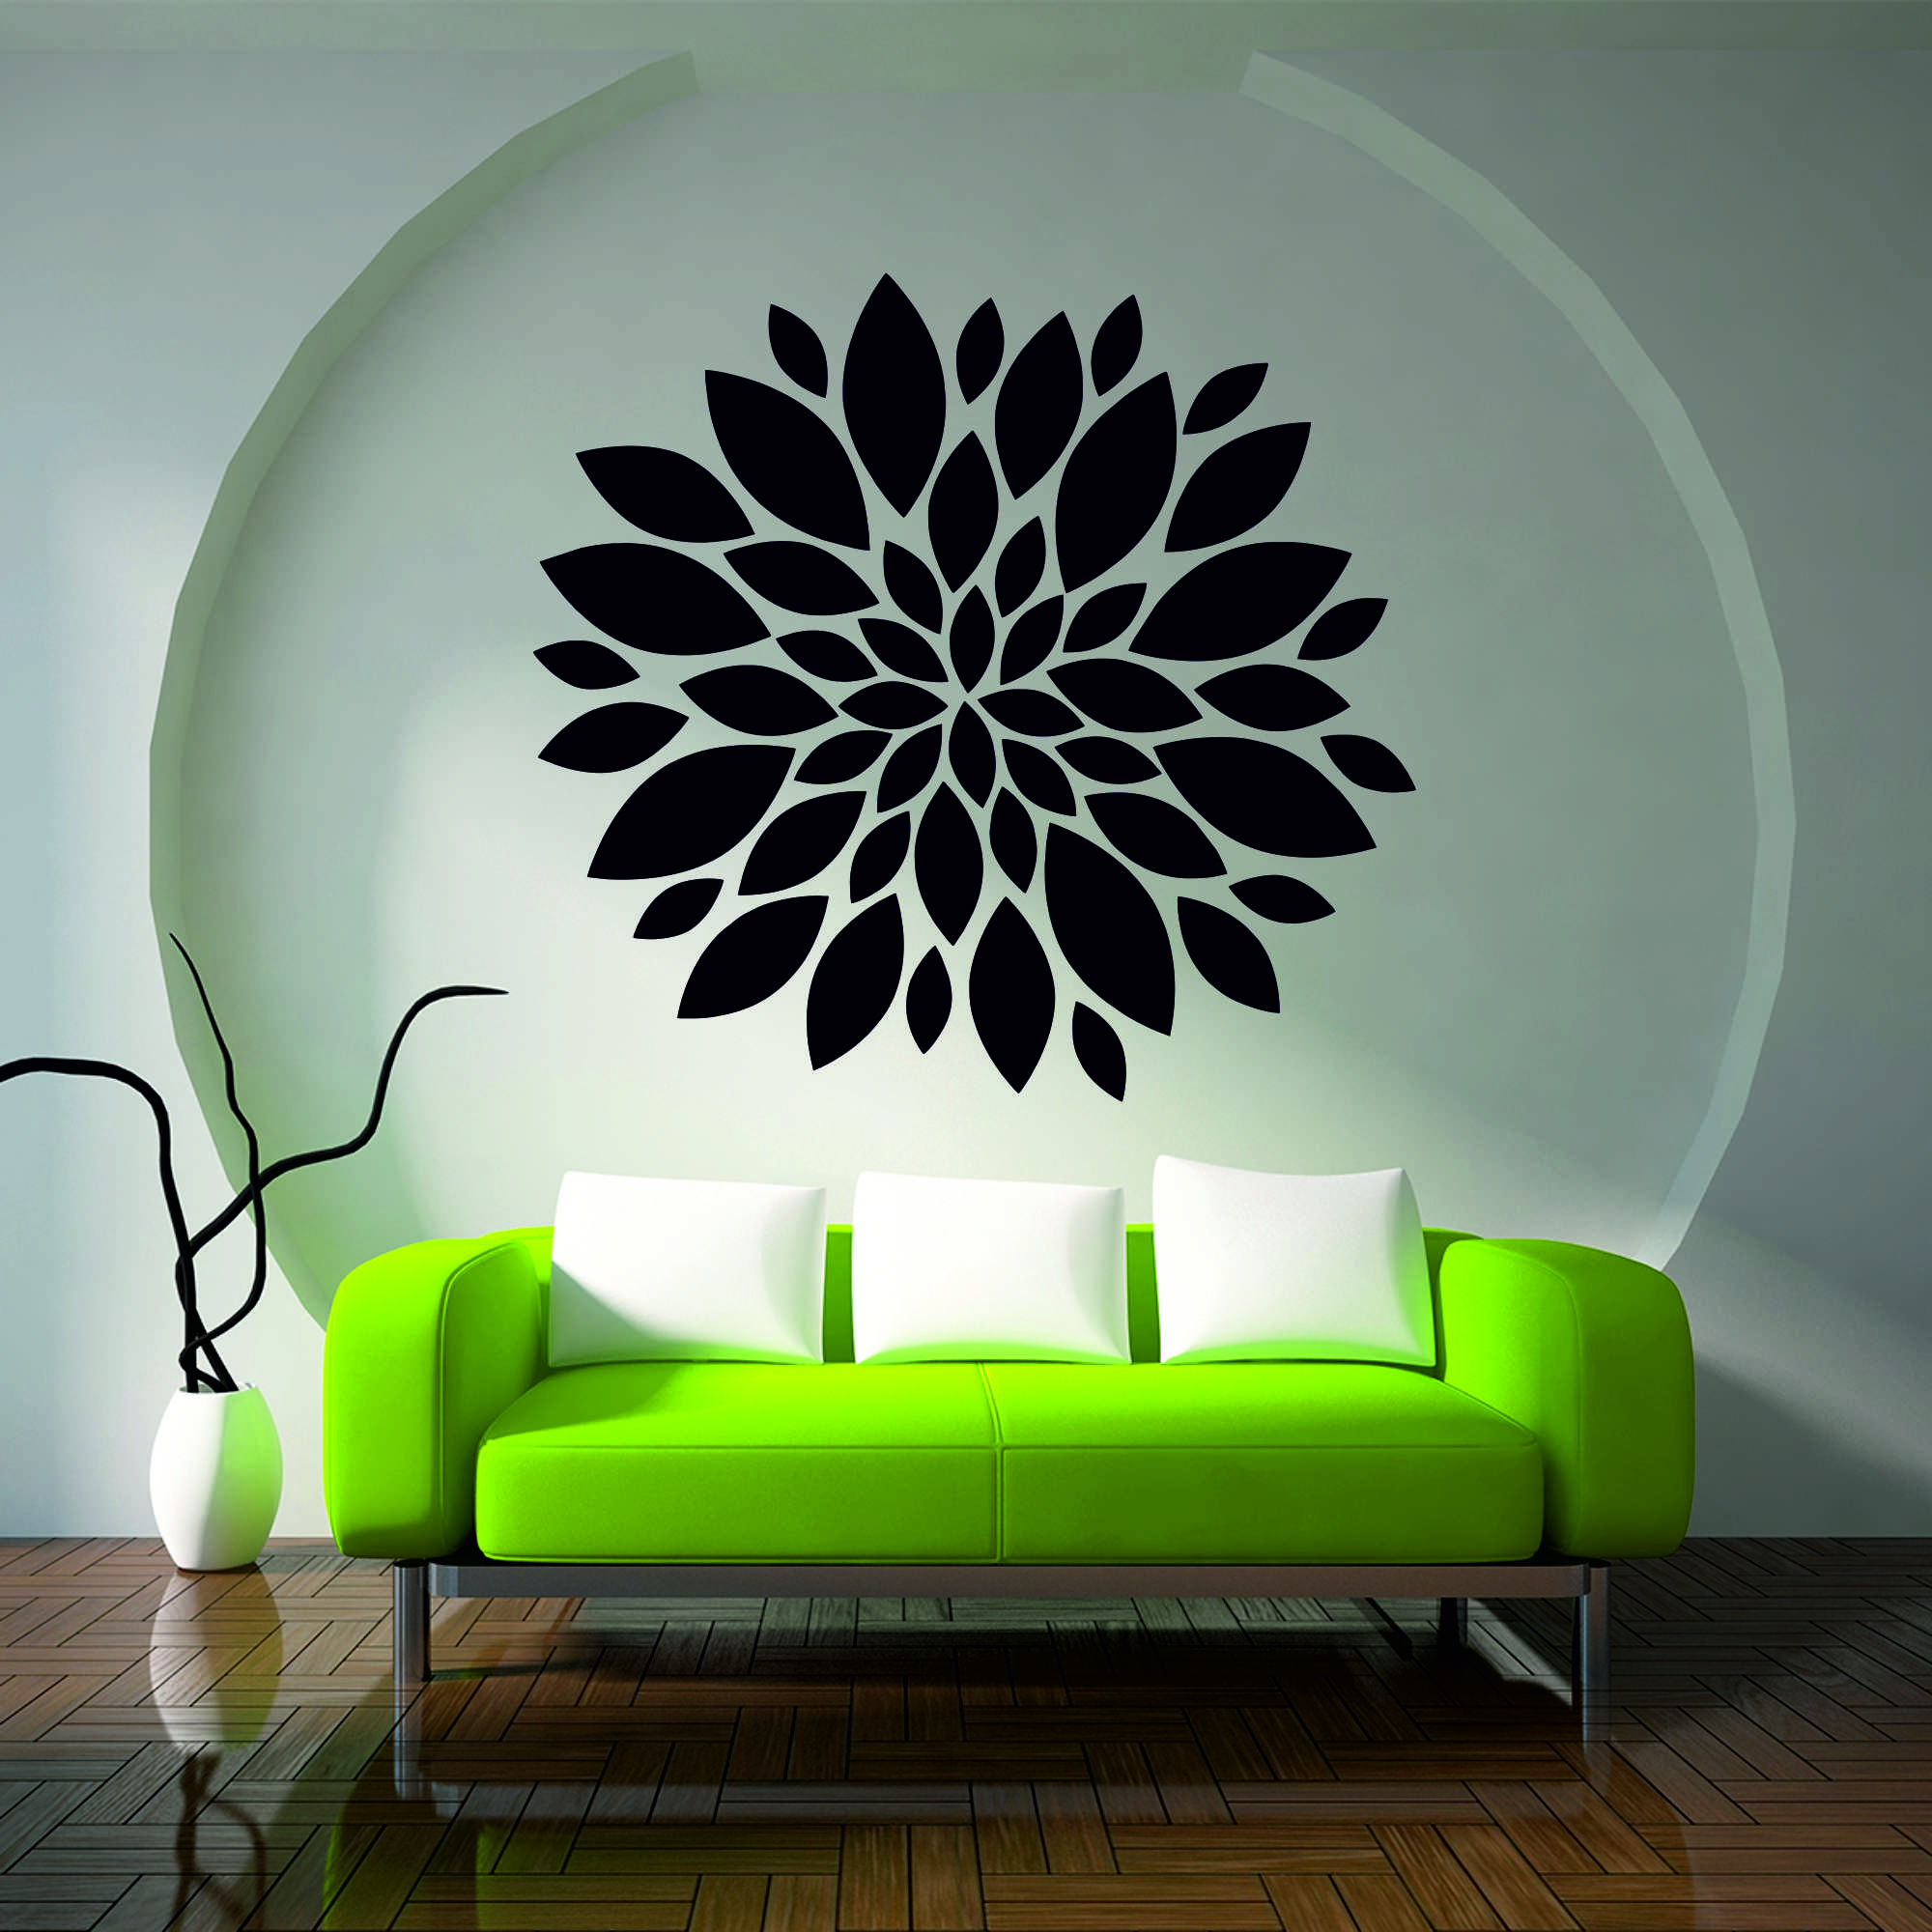 Samolepka na zeď - Velký květ - 40x39 cm - PopyDesign